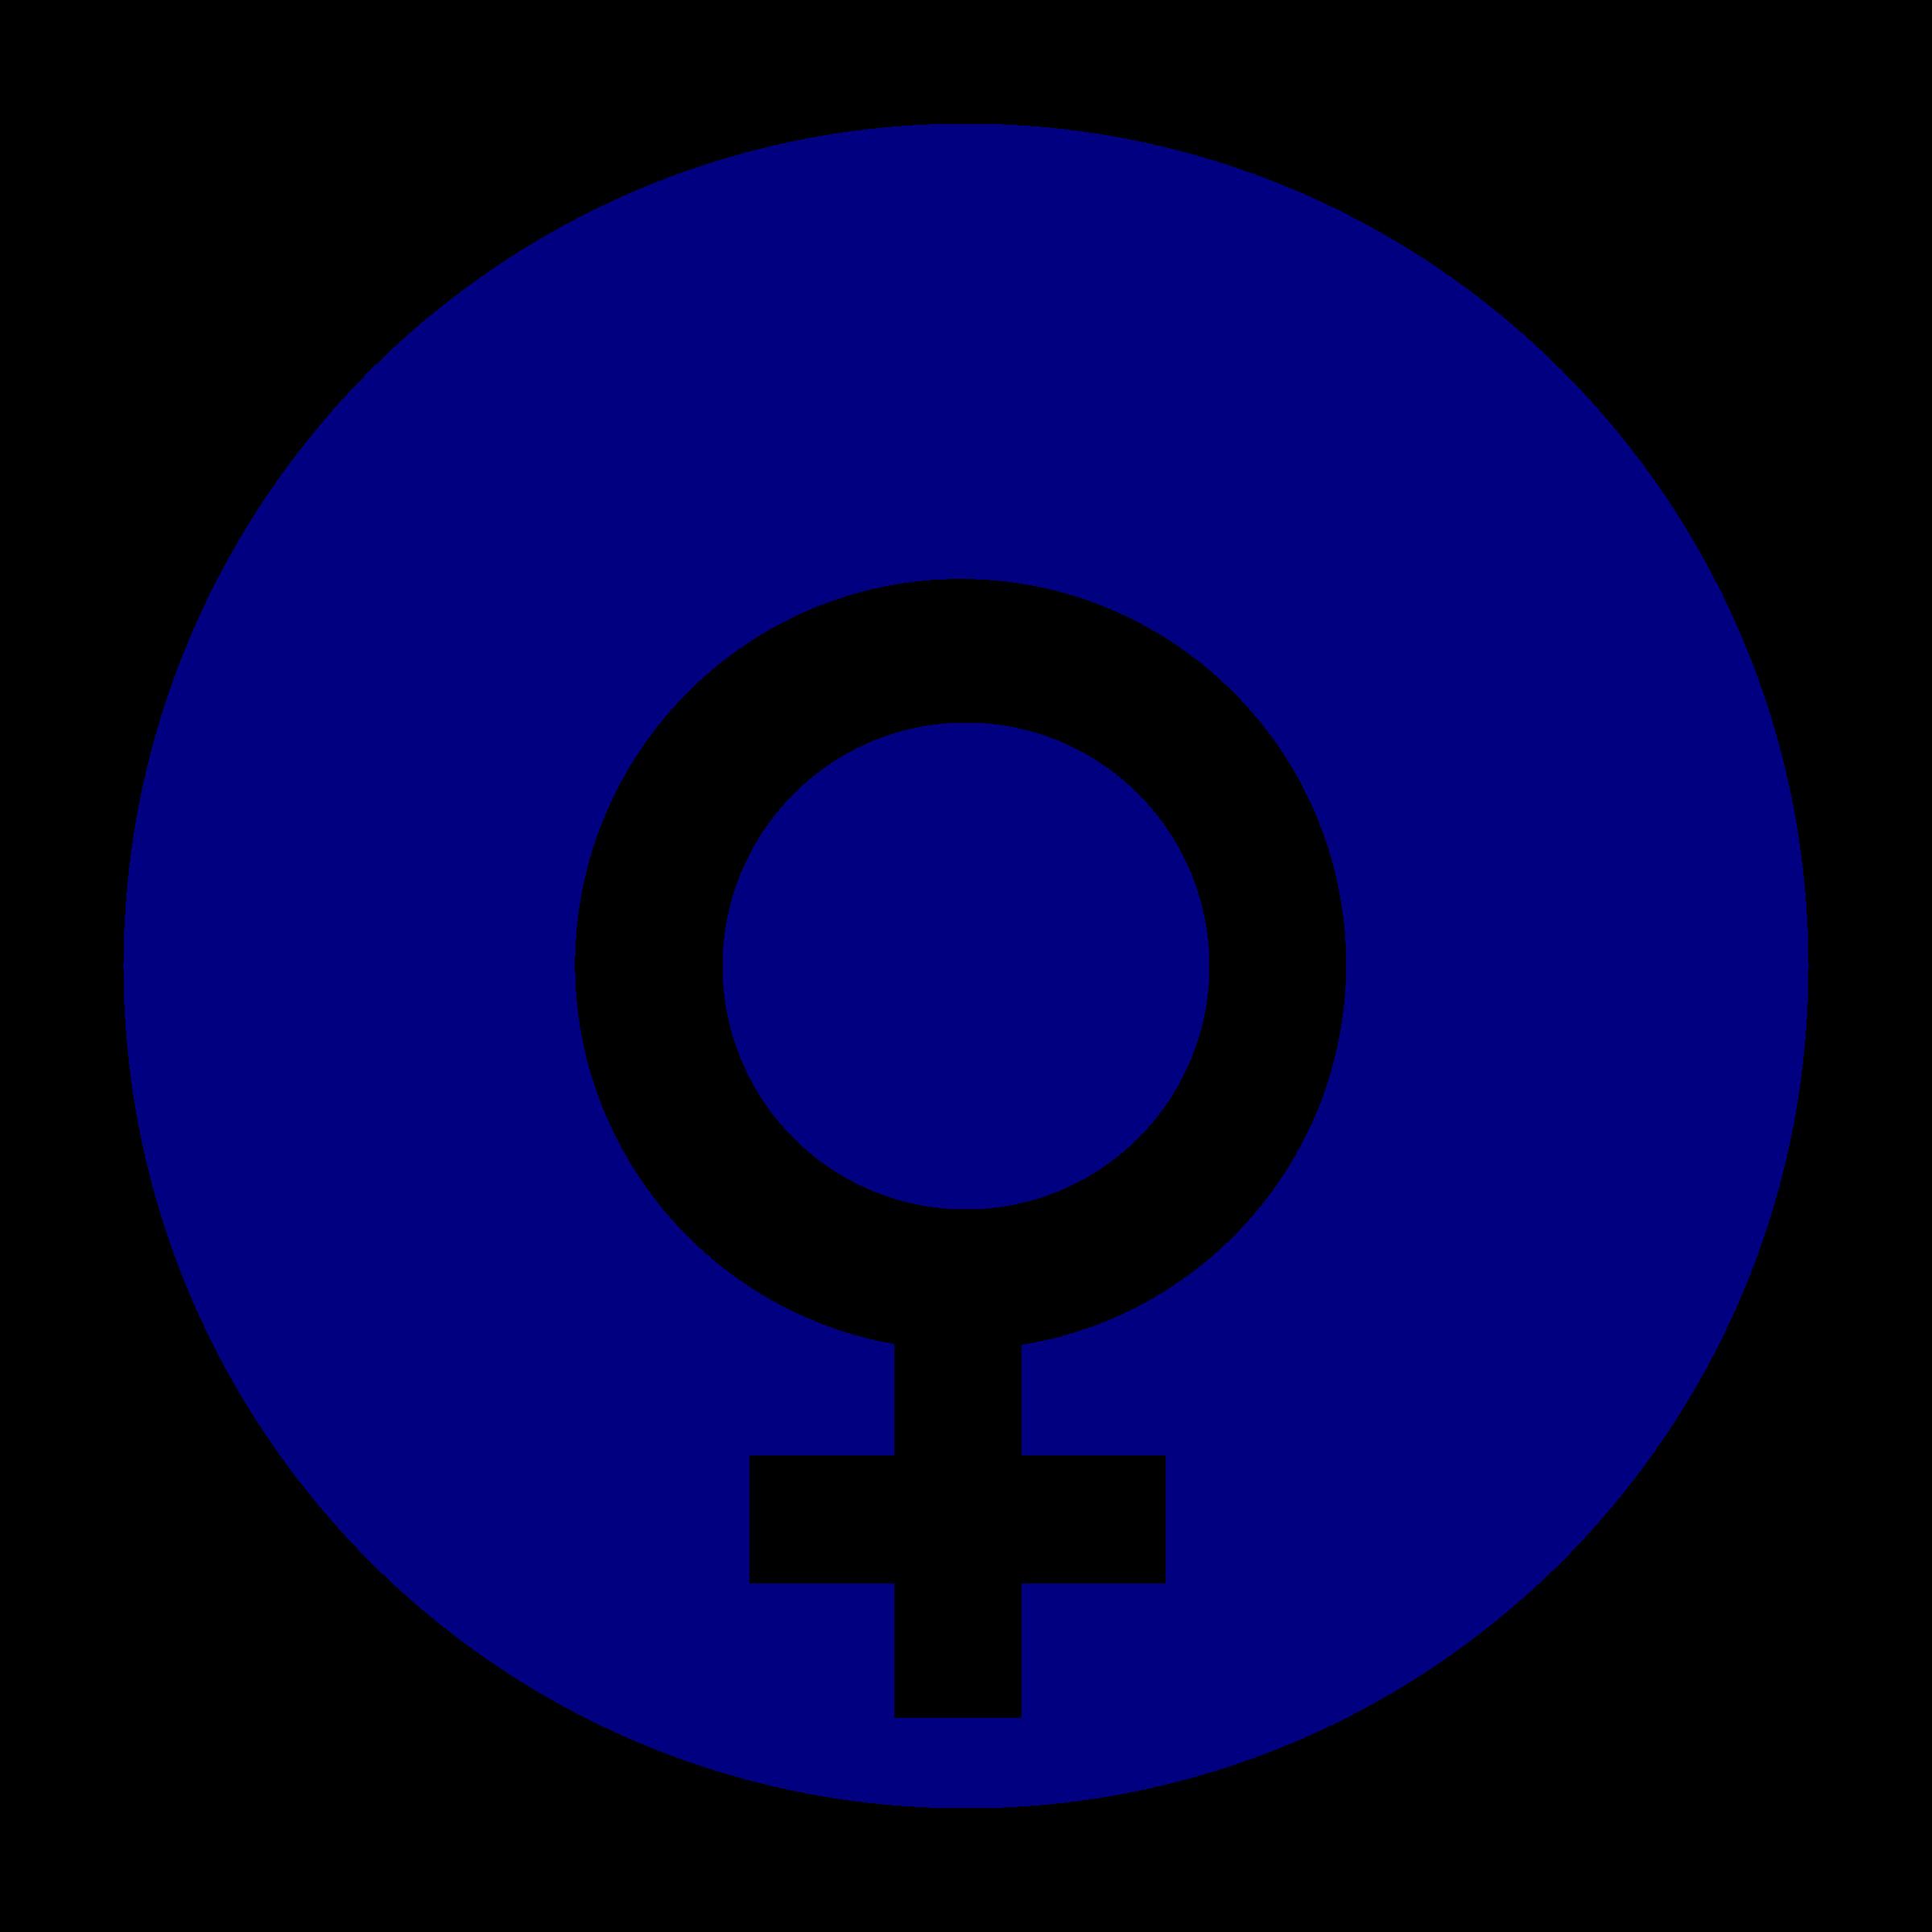 Female clipart female gender. Symbol in a circle